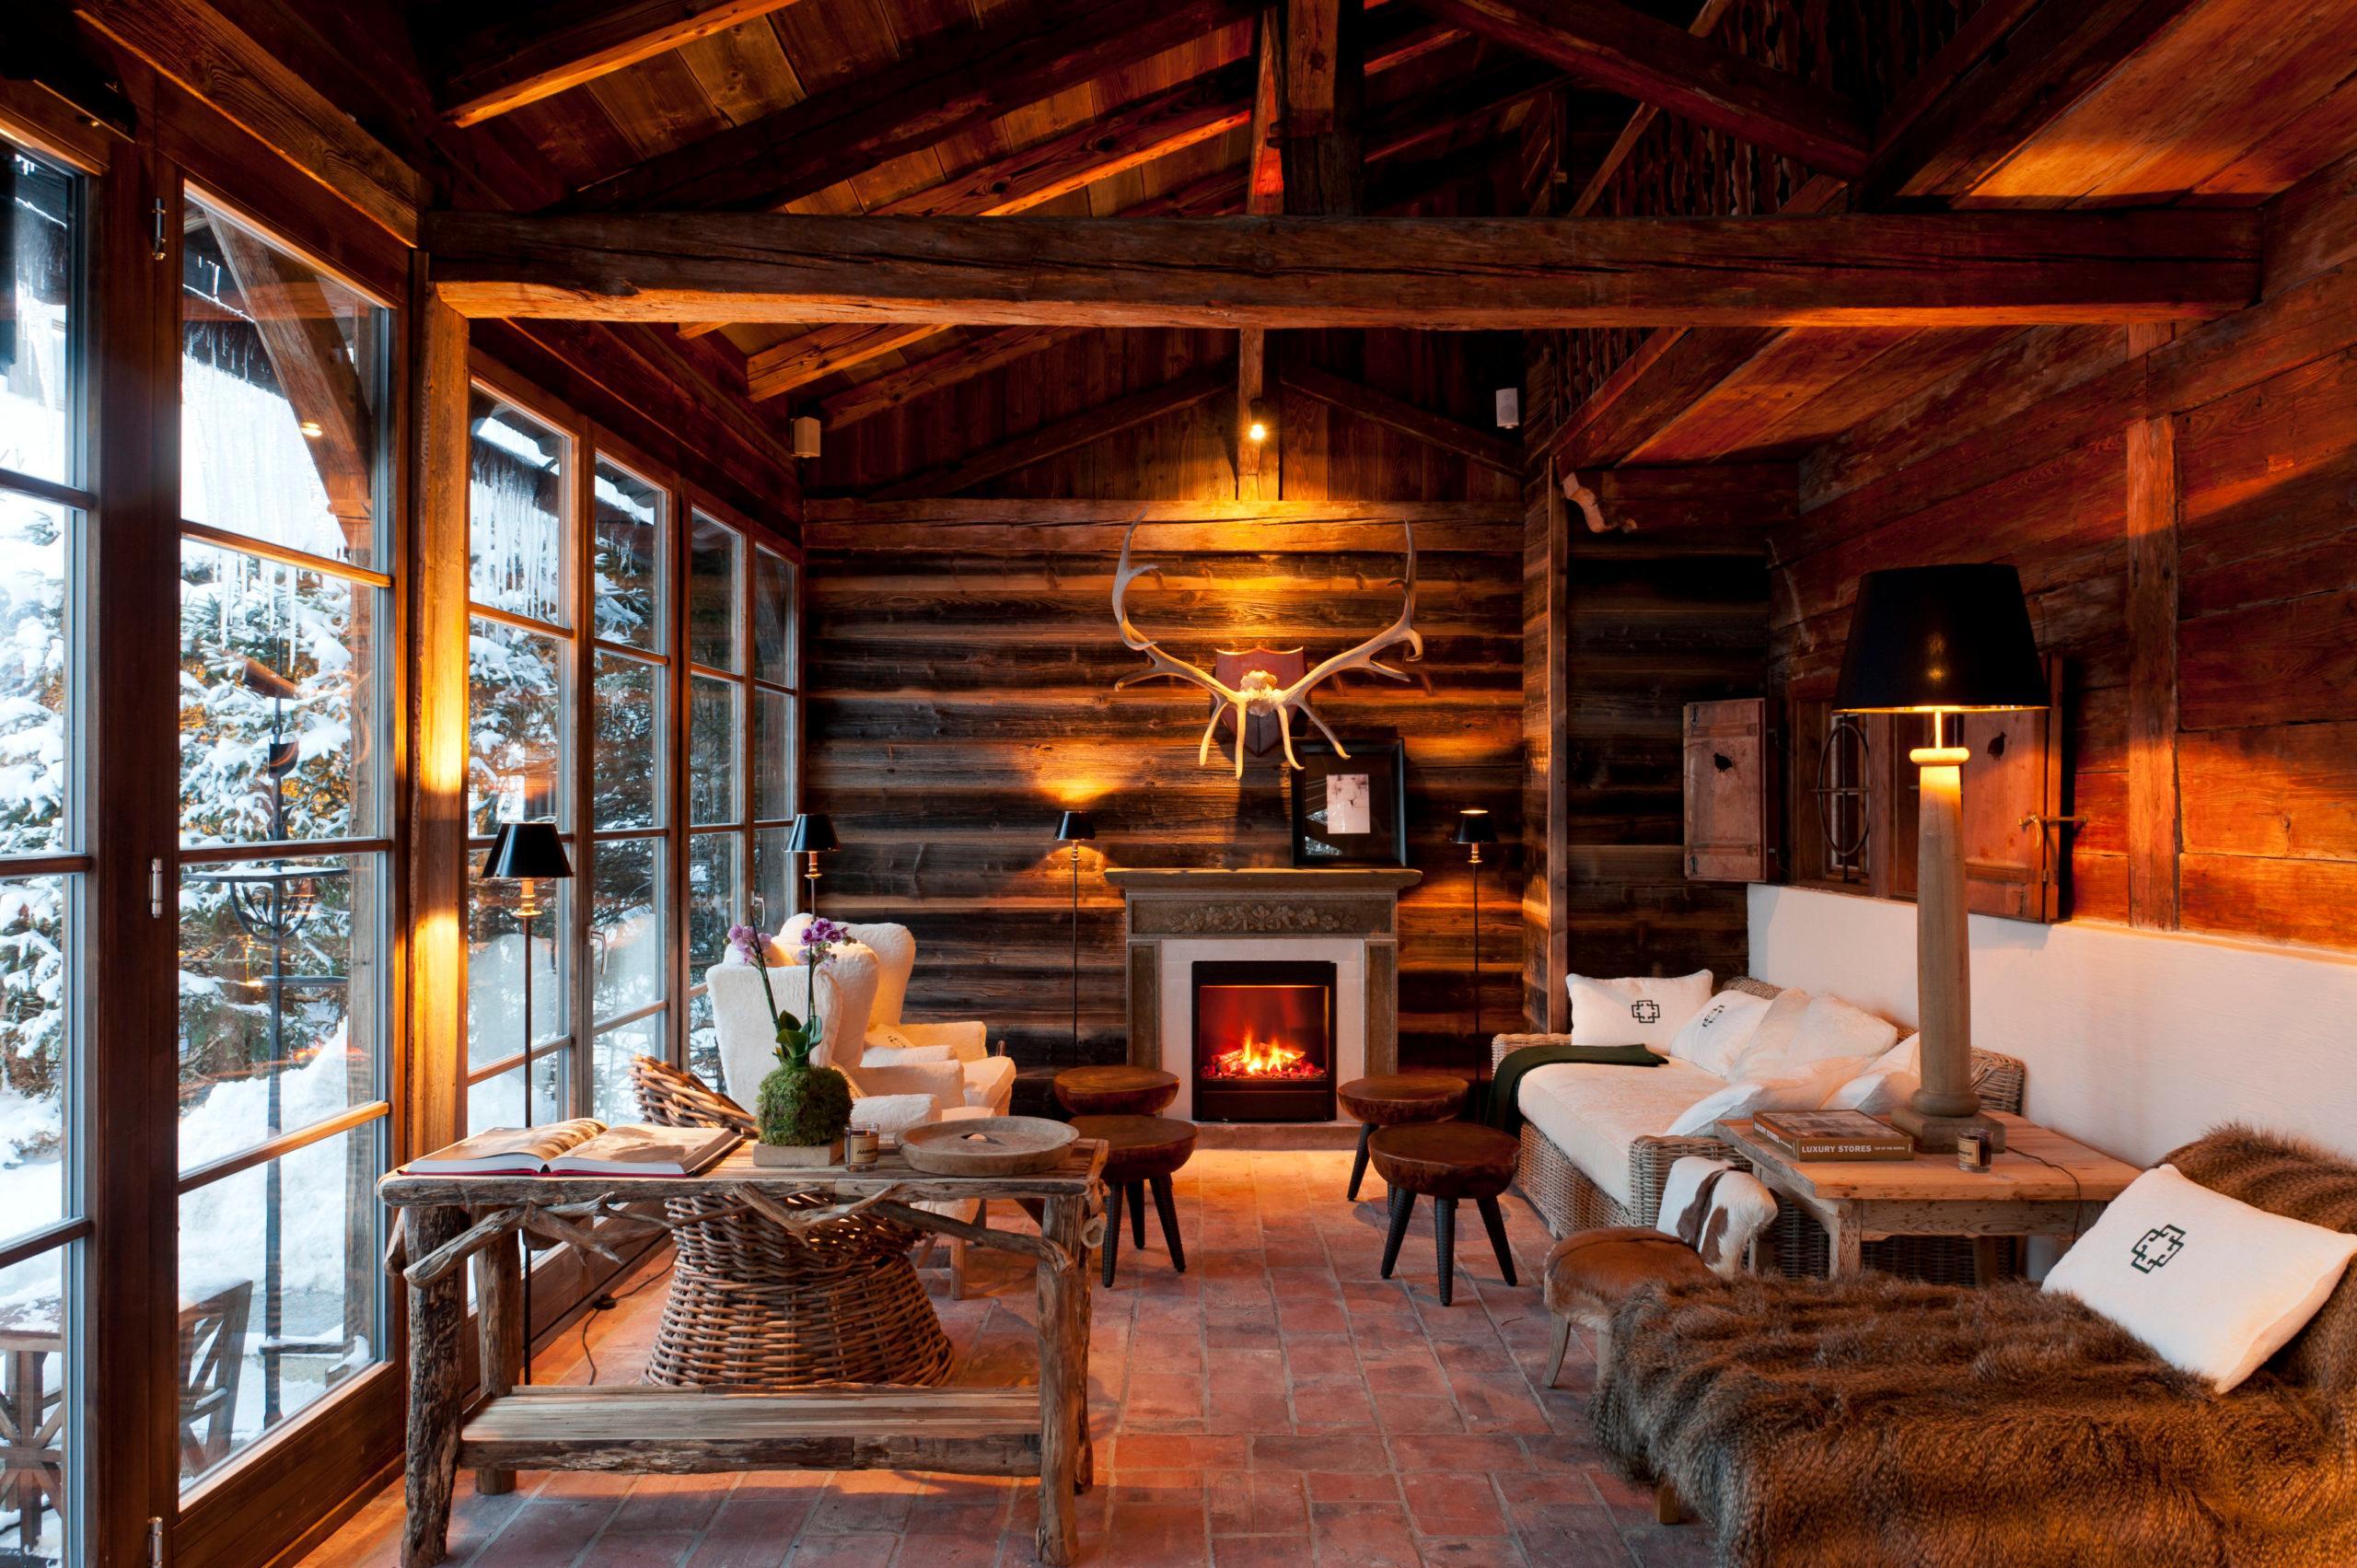 Wachtelhof Luxus Chalet Stil Lounge Spa